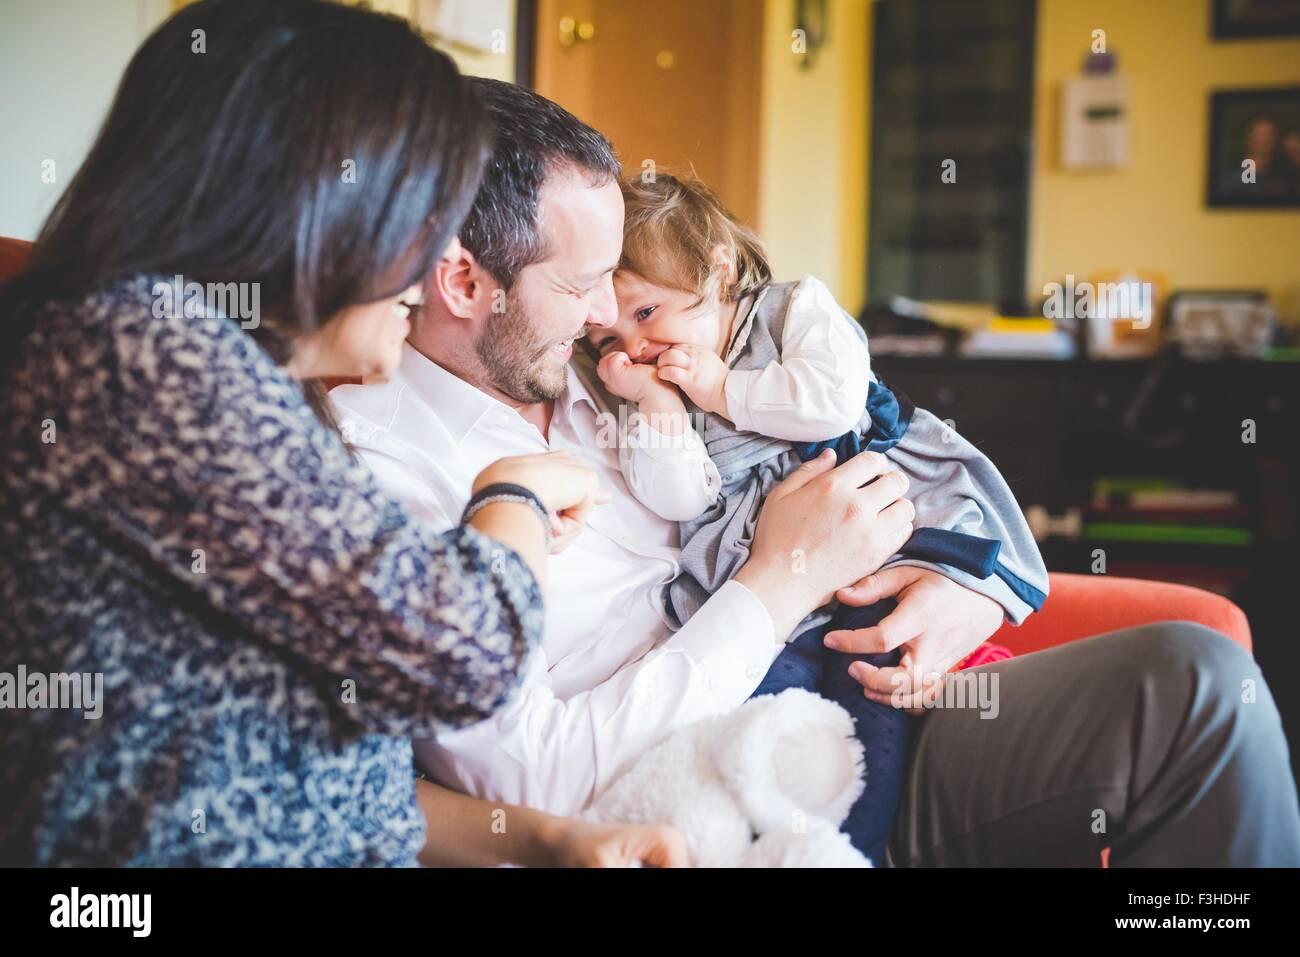 Hembra tímido niño sentado en el regazo de los padres en la sala de estar Imagen De Stock